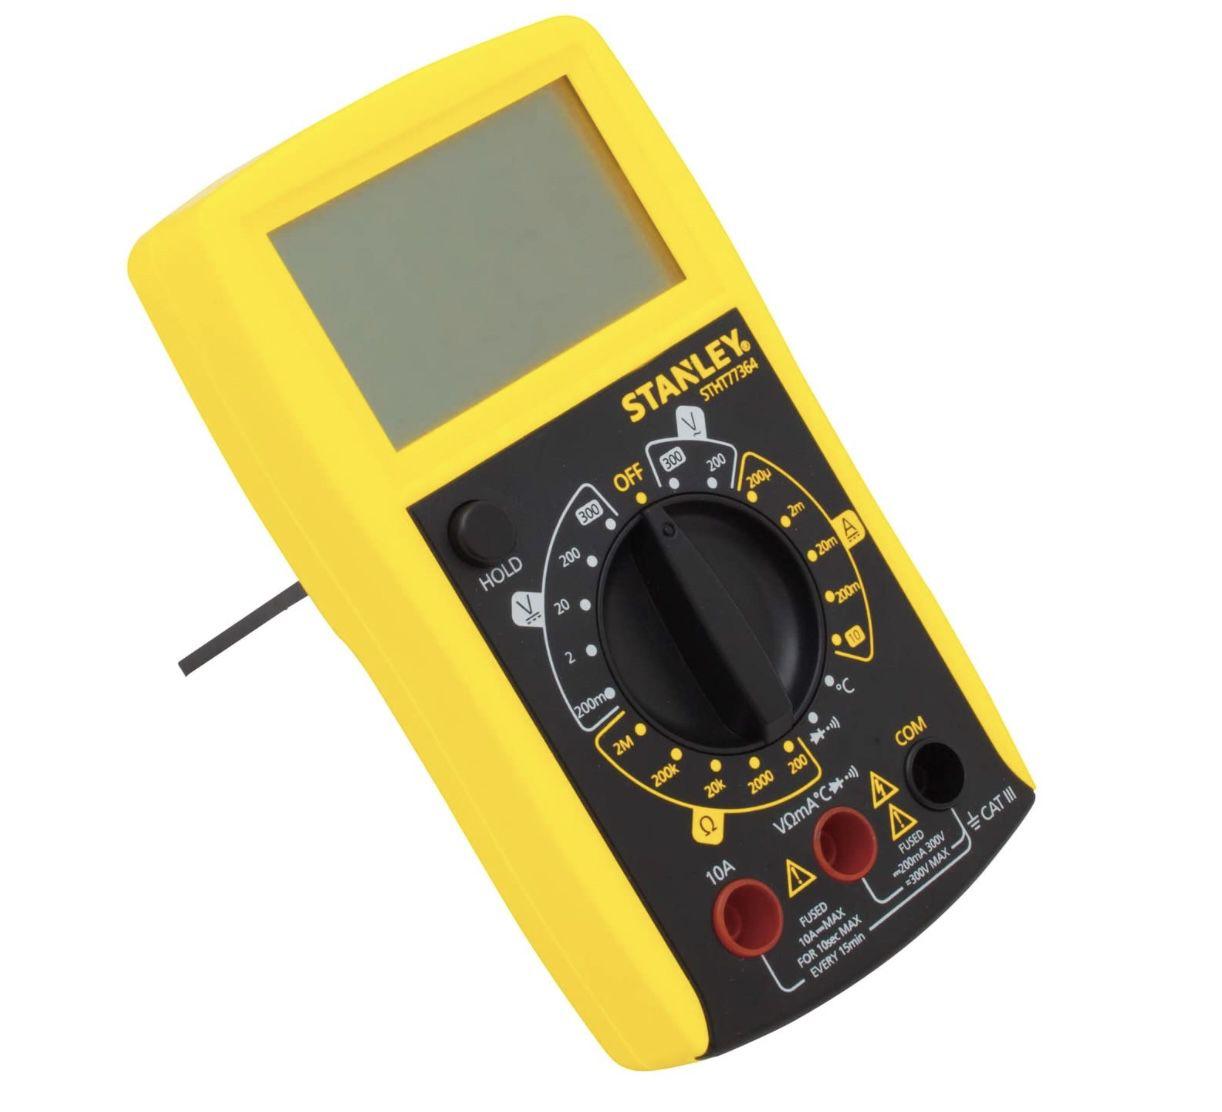 Stanley Multimeter mit mit 7 Hauptfunktionen & großem LCD Display für 19,82€ (statt 26€)   Prime